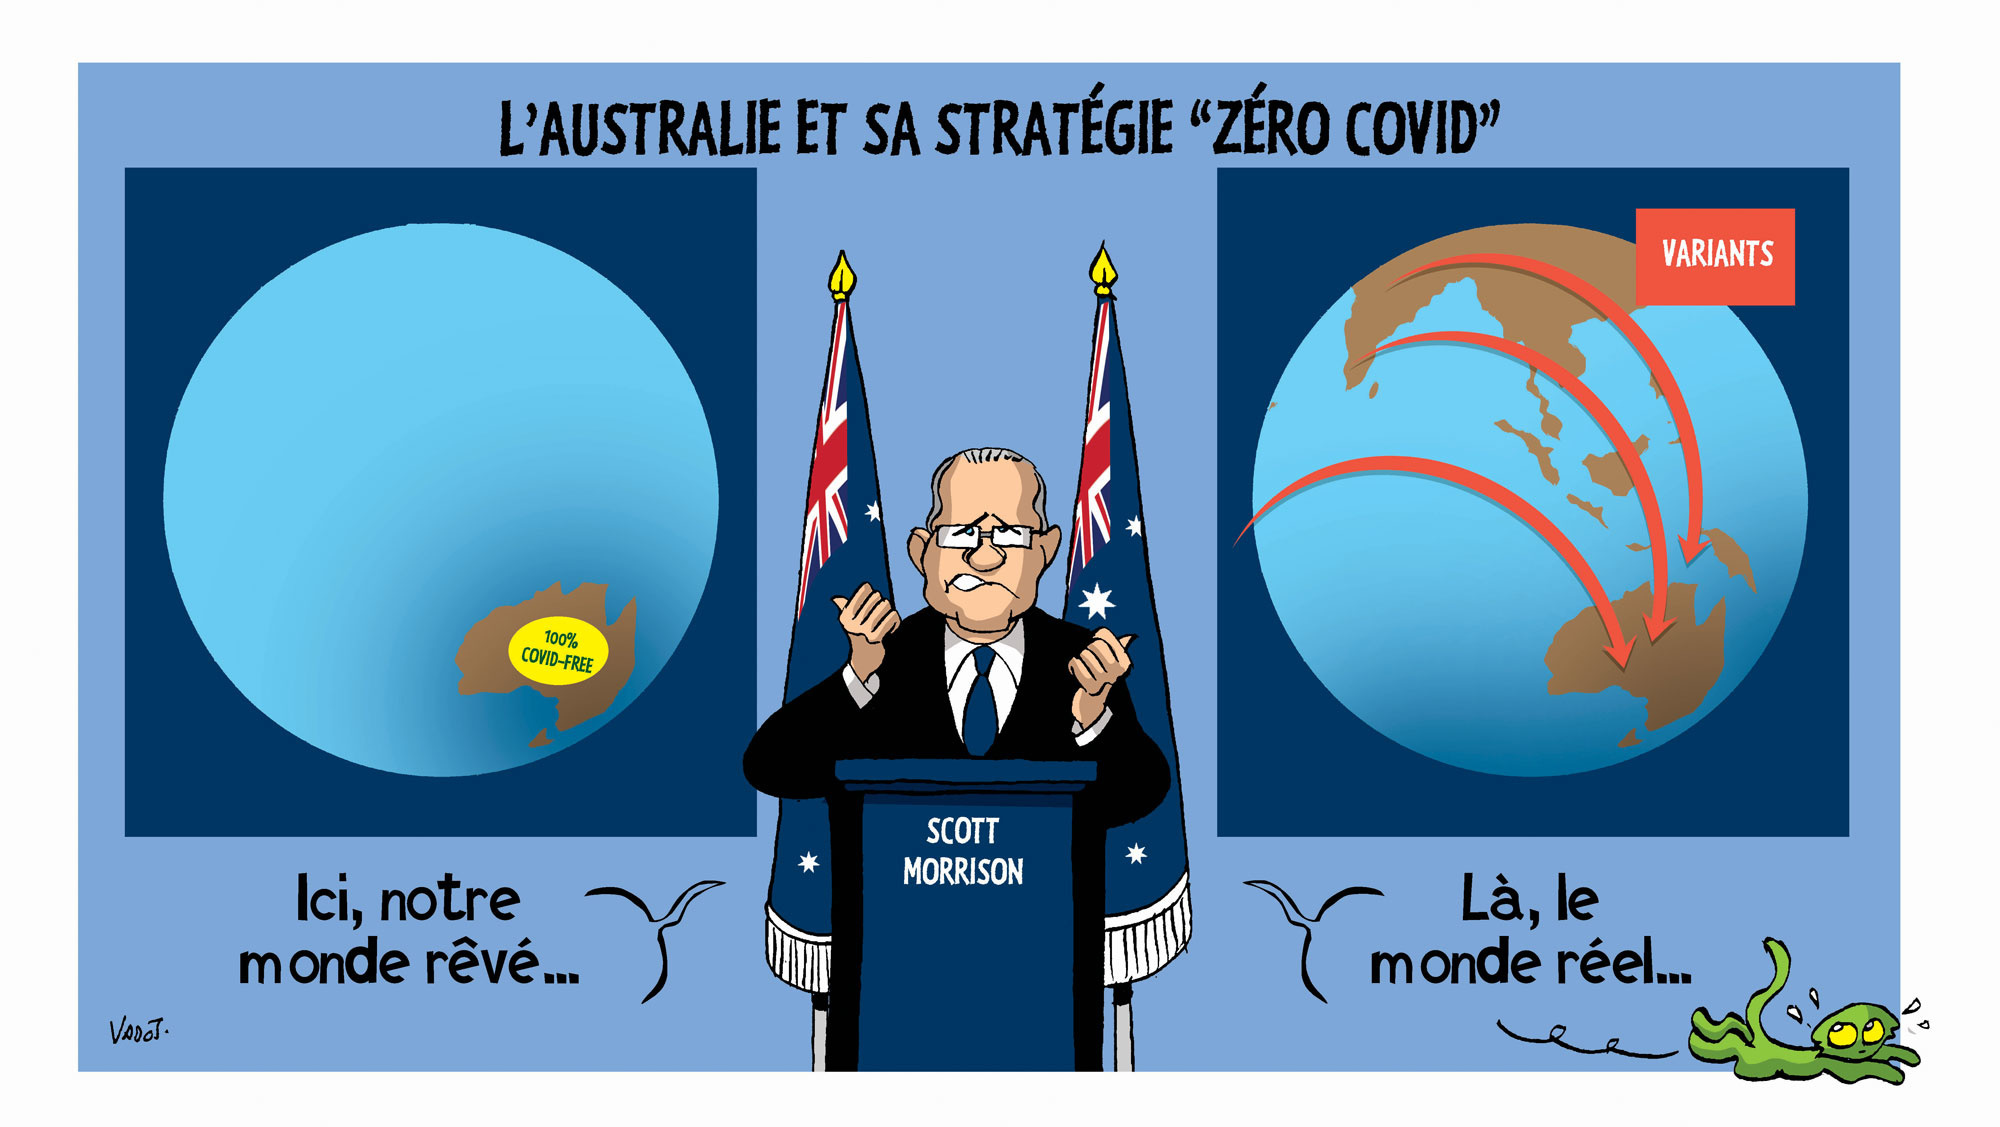 Le New South Wales, état le plus peuplé d'Australie, risque de devoir se reconfiner, face à l'échec de la stratégie visant à éradiquer le Covid-19 de l'ile-continent., Vadot